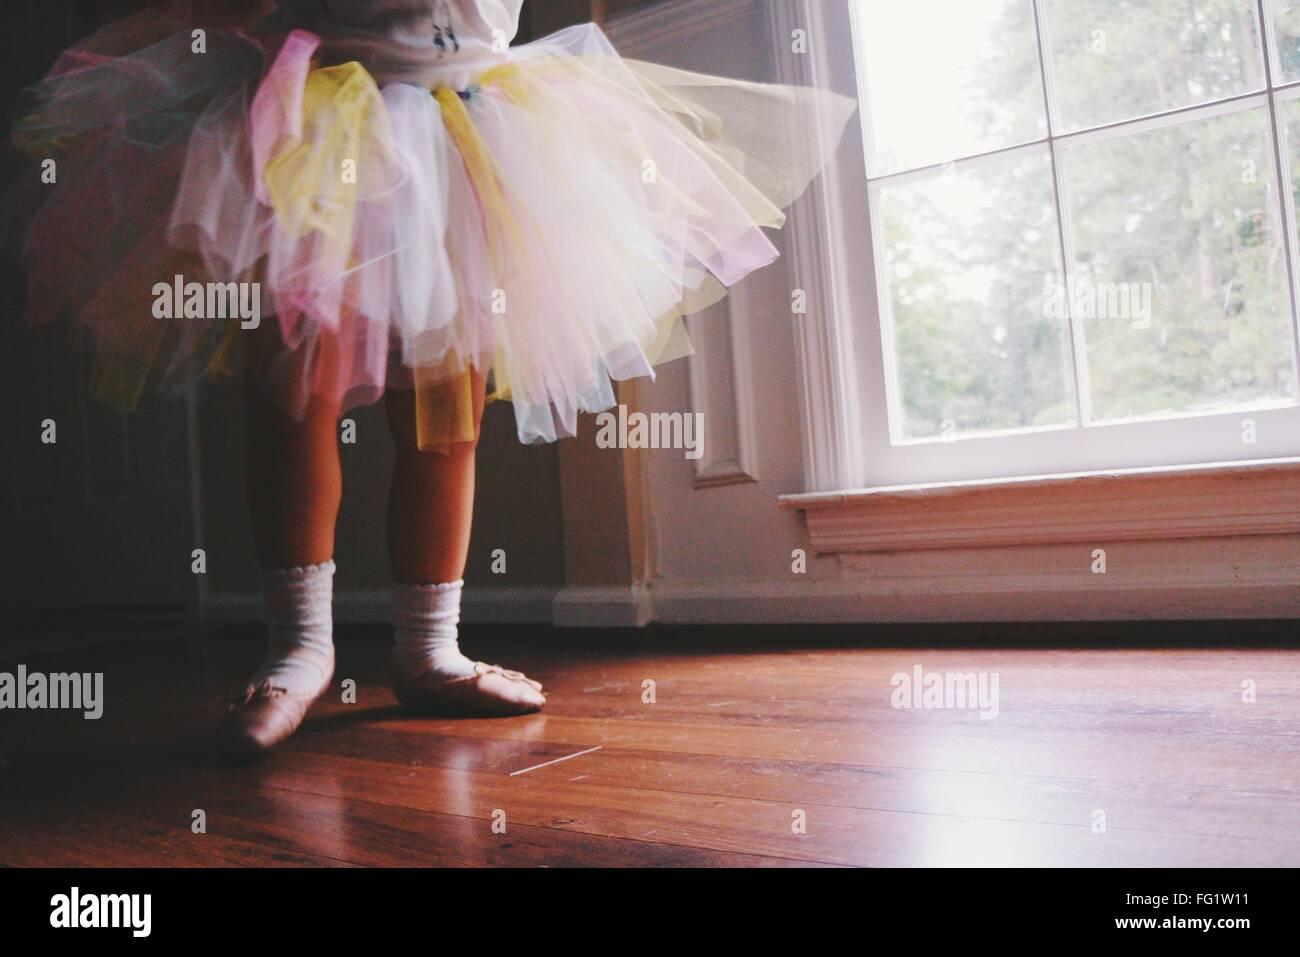 Sezione bassa della ballerina in piedi sul pavimento di legno a casa Immagini Stock